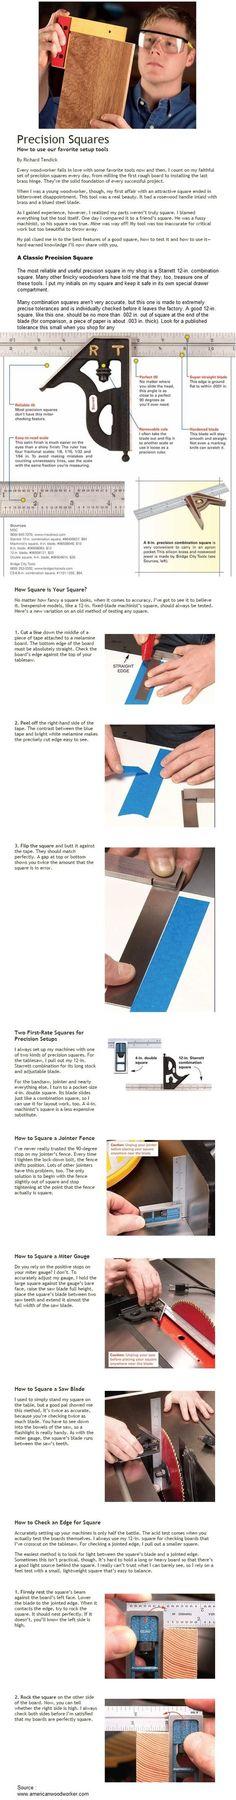 Precision Squares | WoodworkerZ.com